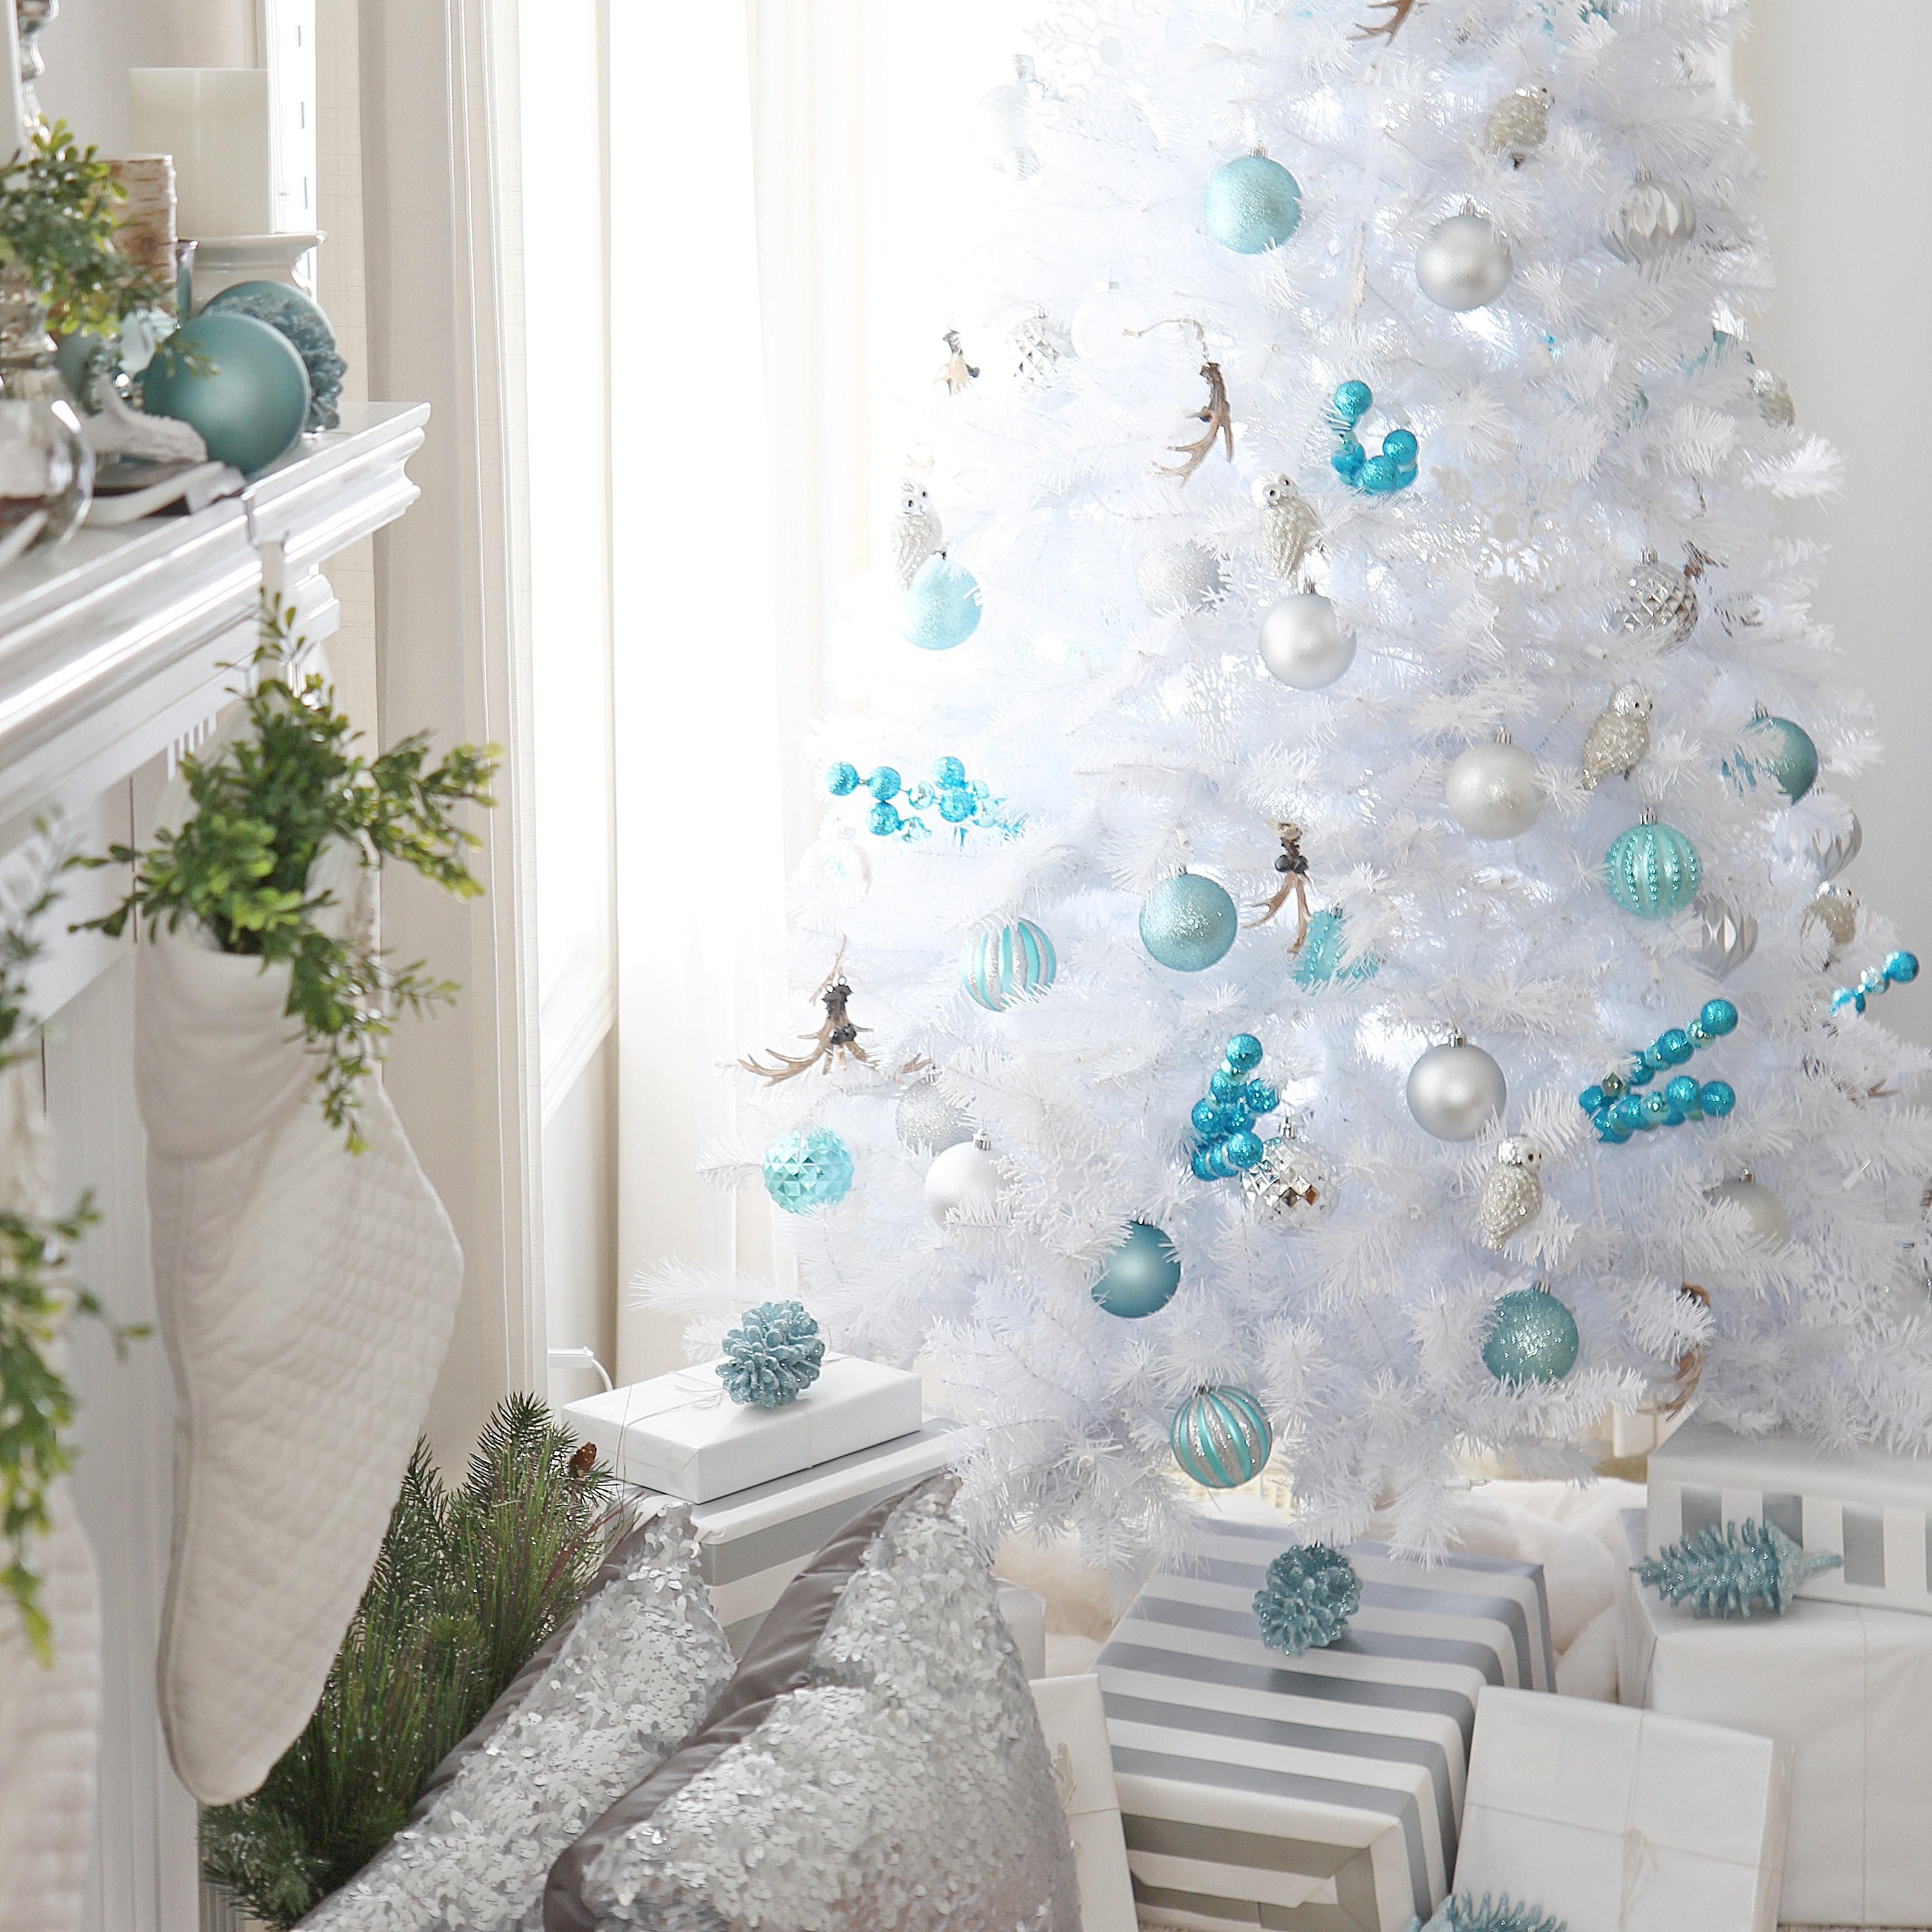 La meilleure chose à faire est d'acheter un sapin blanc artificiel et de le décorer avec des ornements bleus.